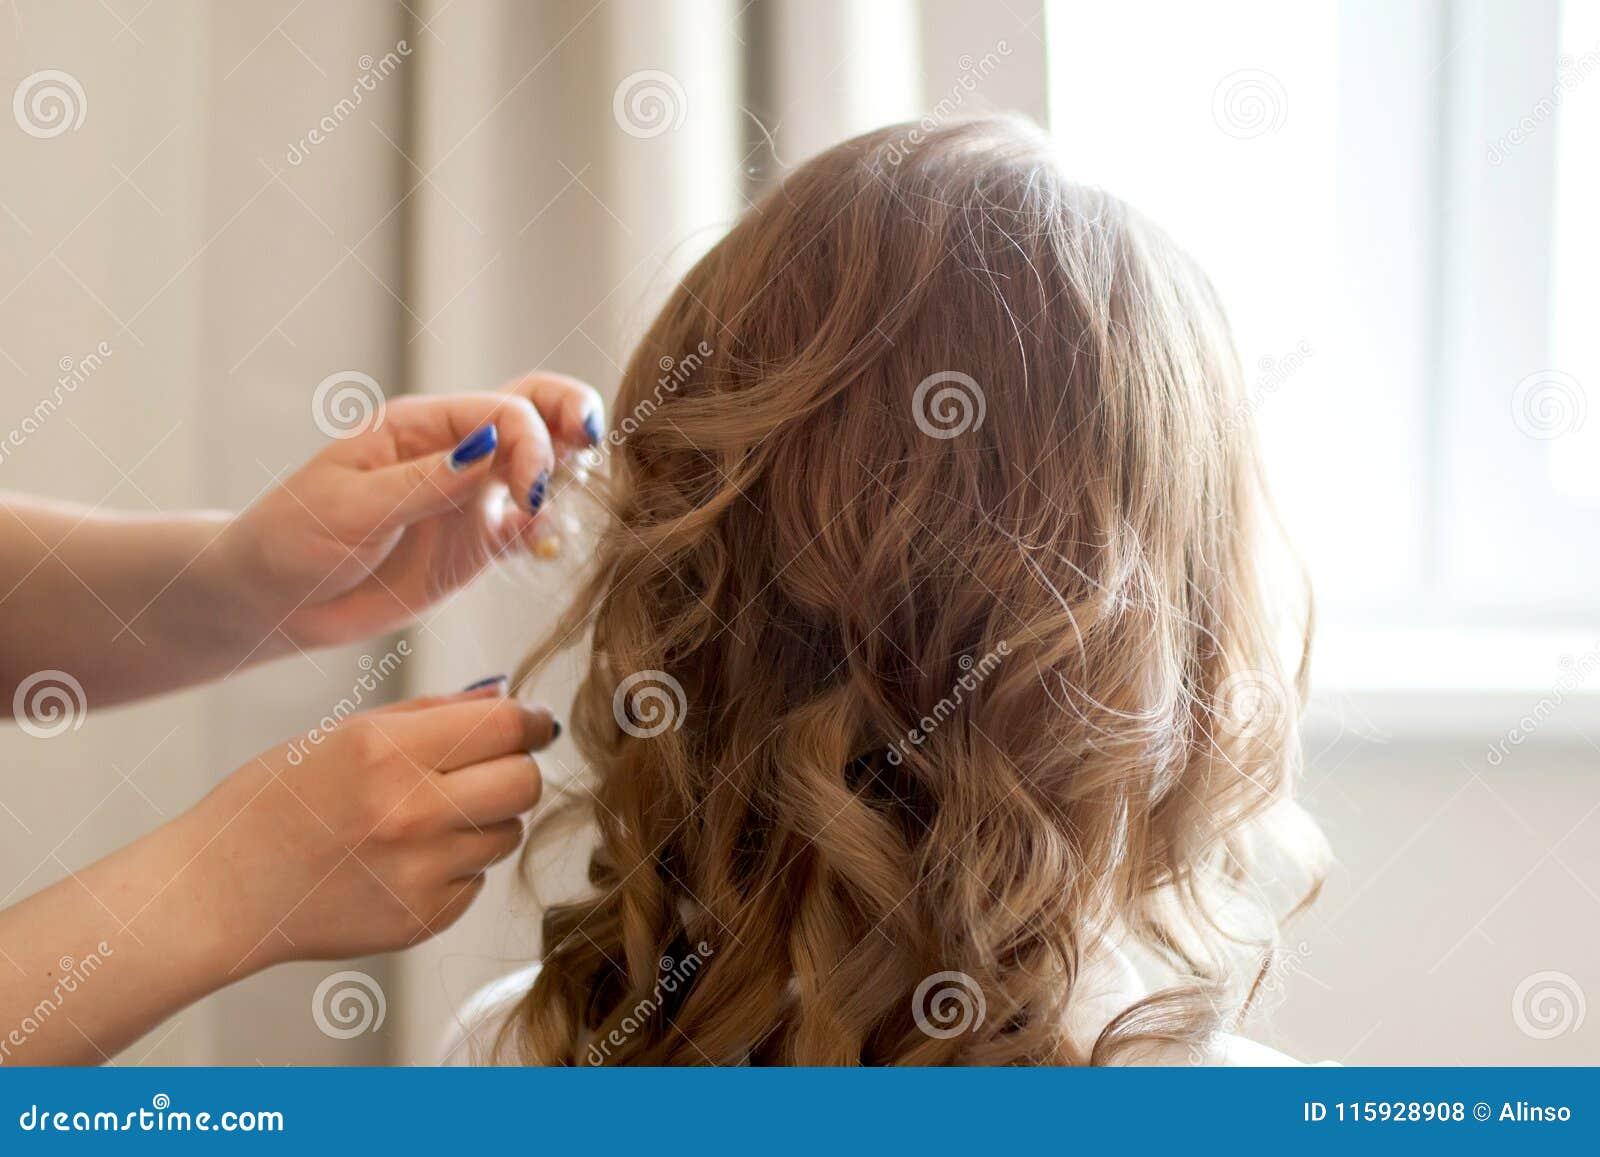 Parrucchiere che fa taglio di capelli riccio, salone di bellezza